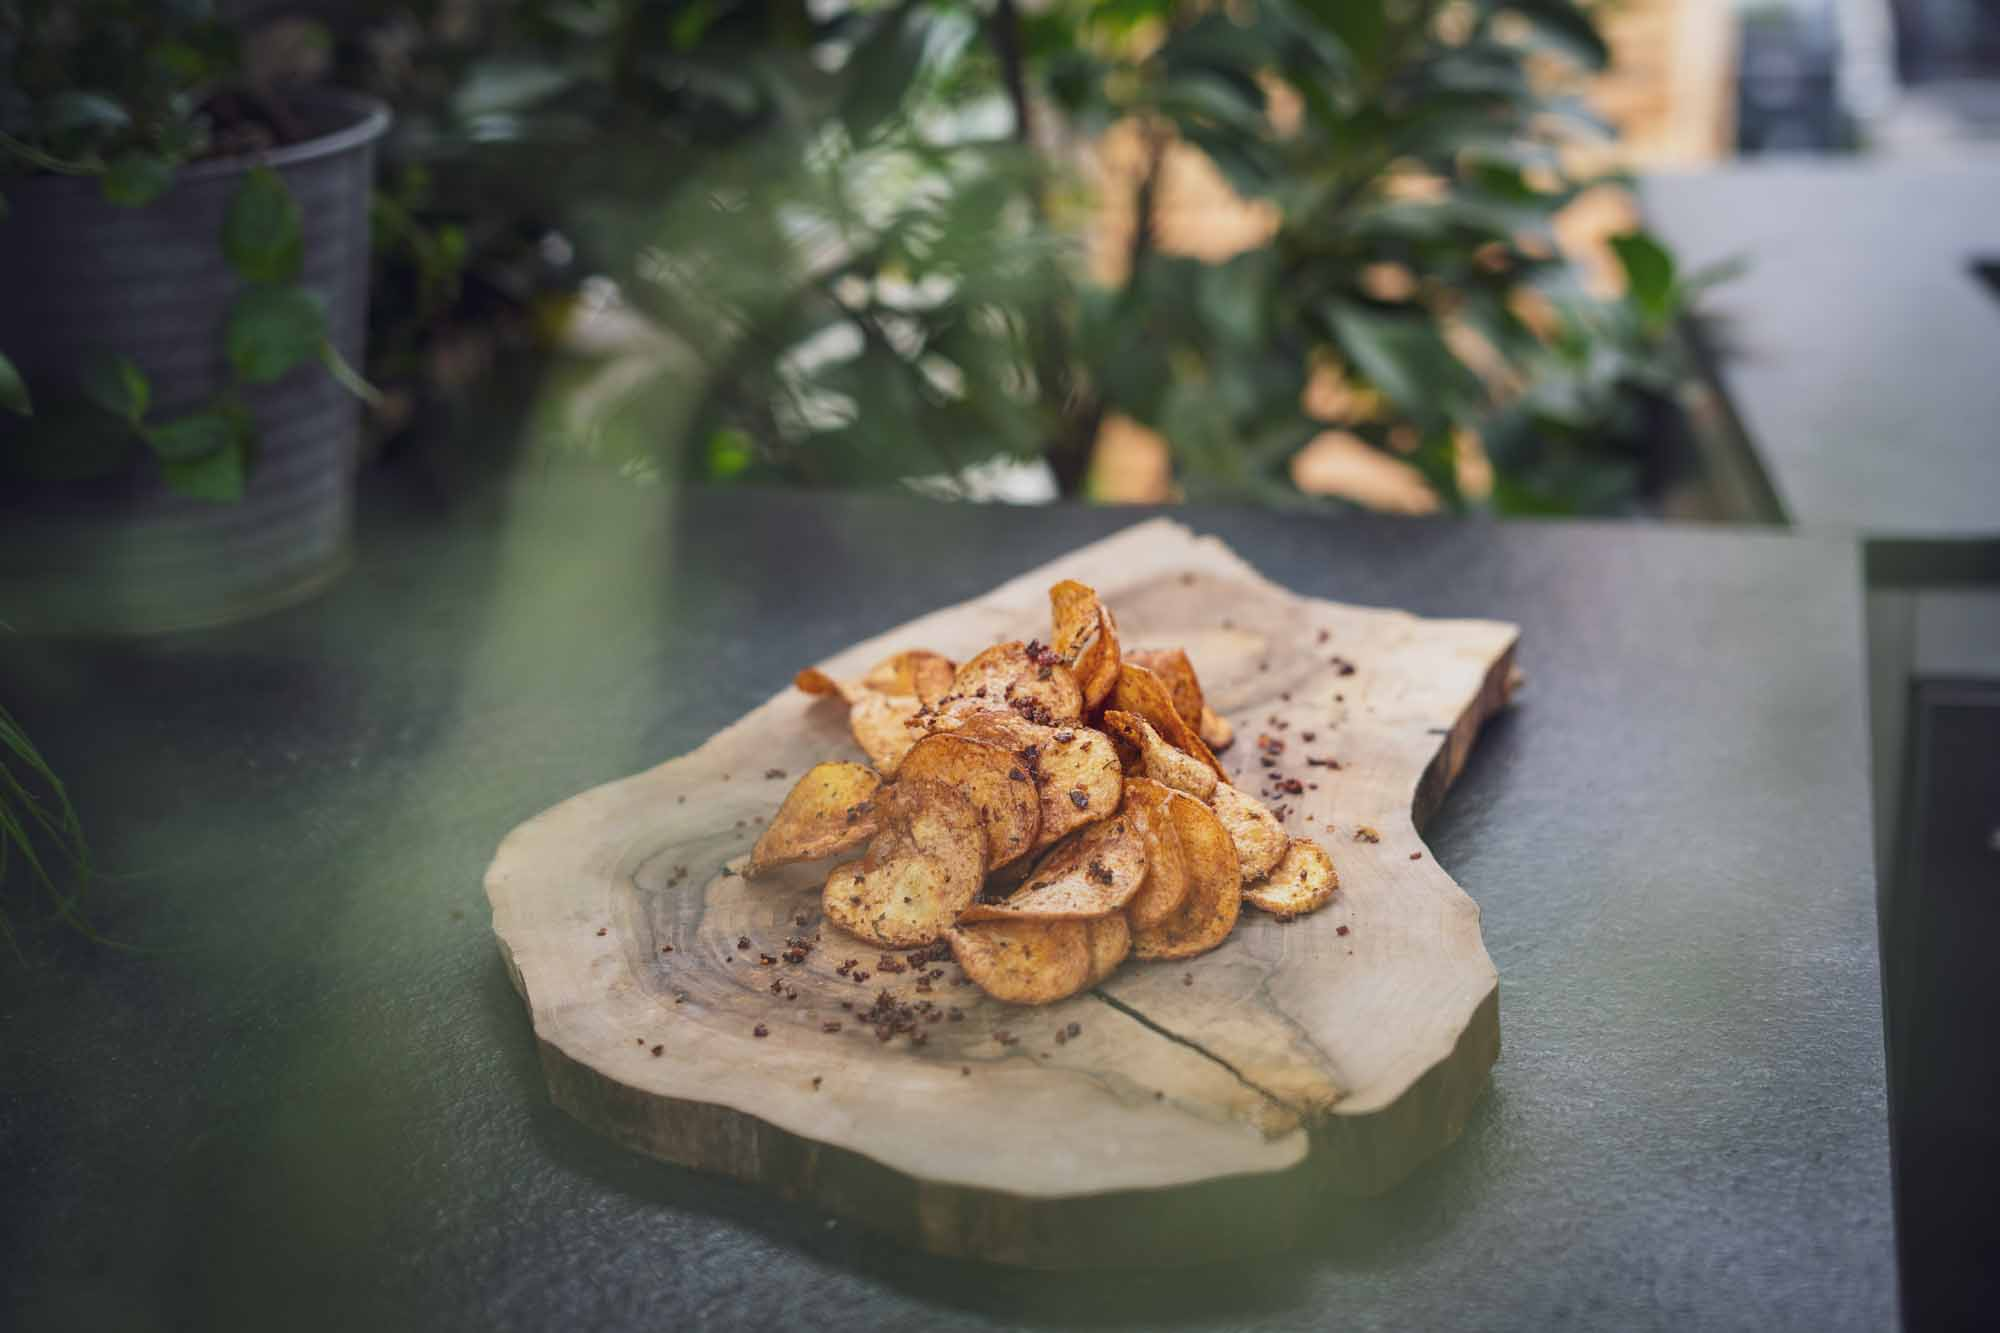 Einfach nur lecker! Kartoffelchips selber machen leicht gemacht